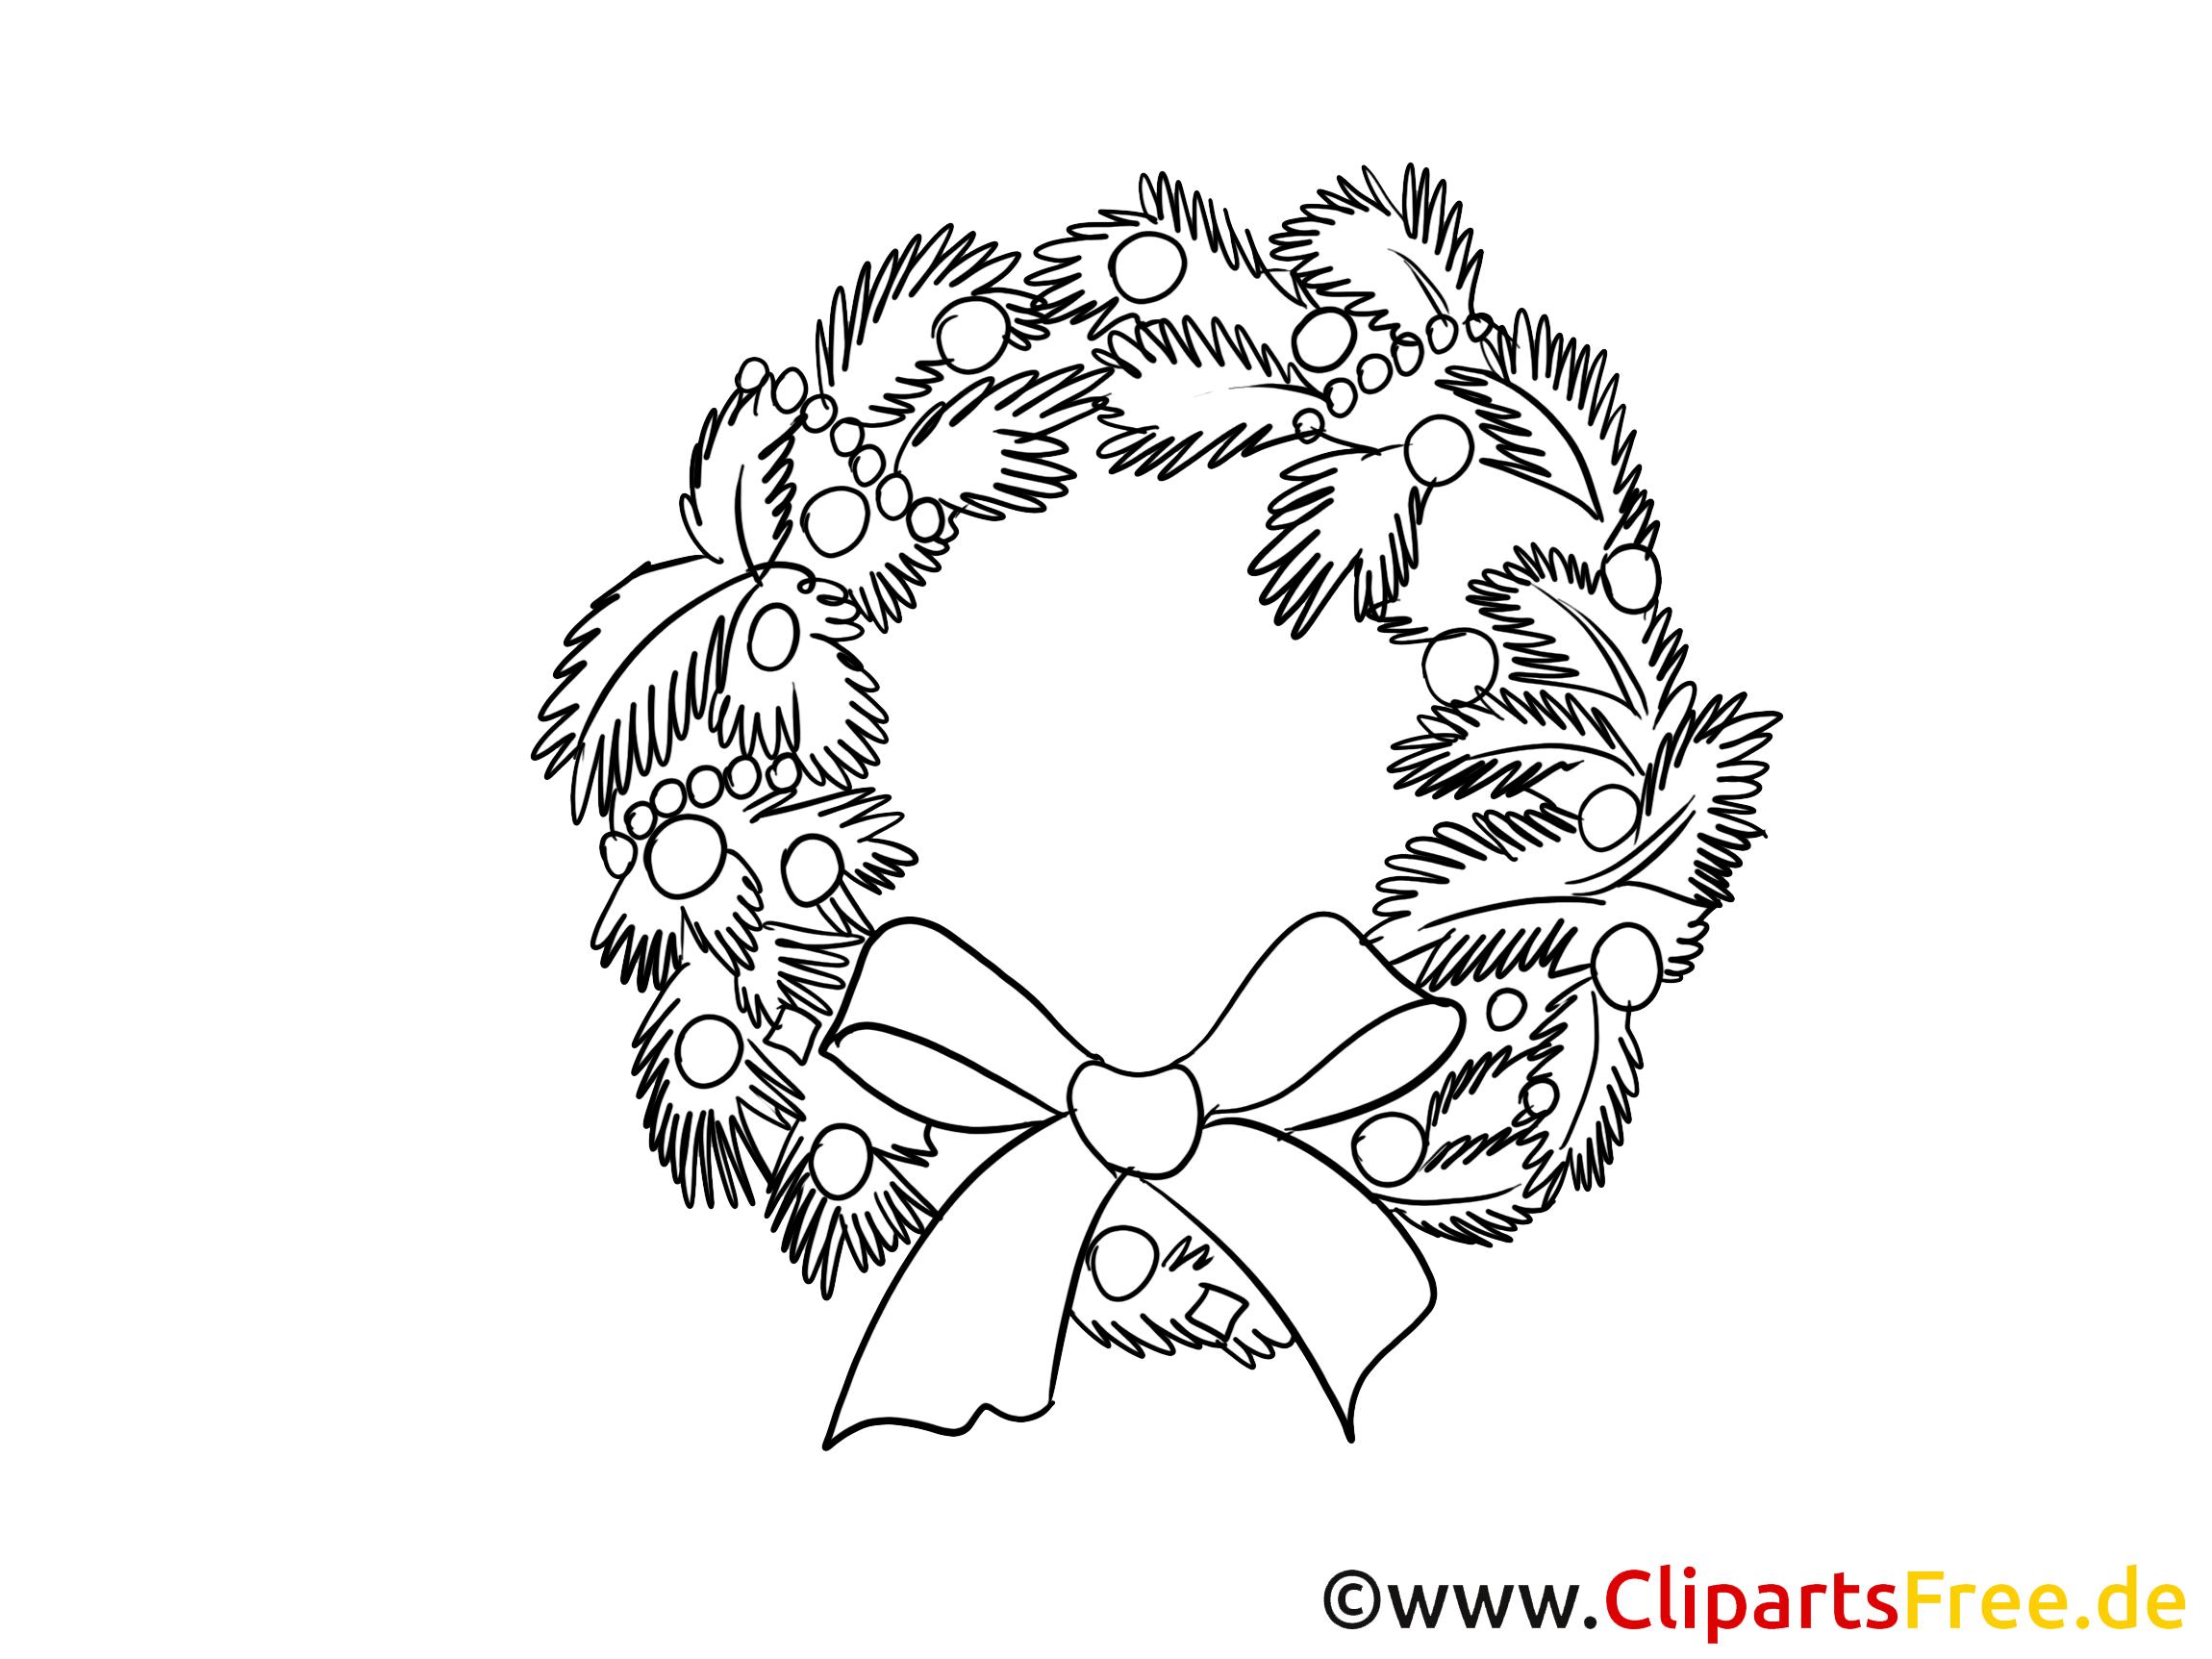 Kranz Schleife Malvorlagen Weihnachten und Advent